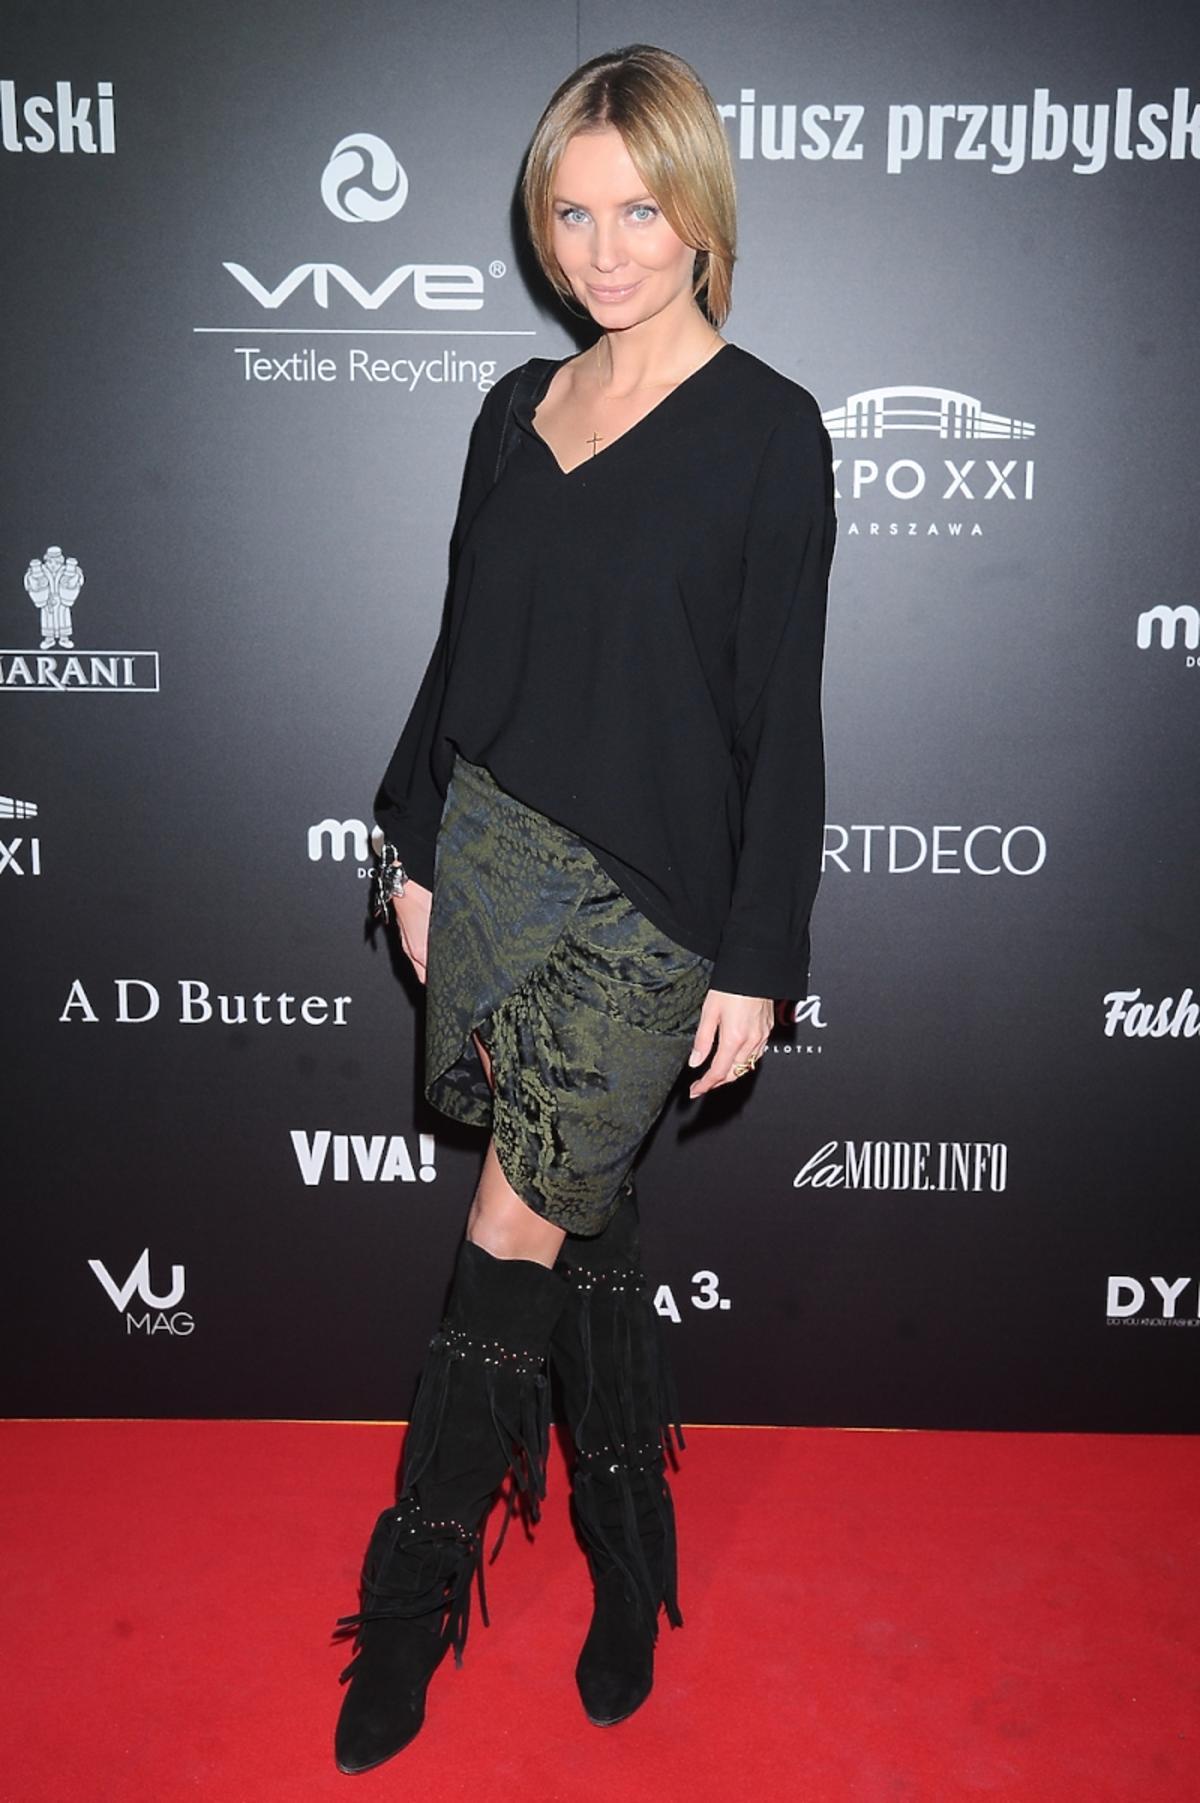 Agnieszka Szulim w czarnej bluzce, wysokich kozakach z frędzlami, zielonej spódnicy